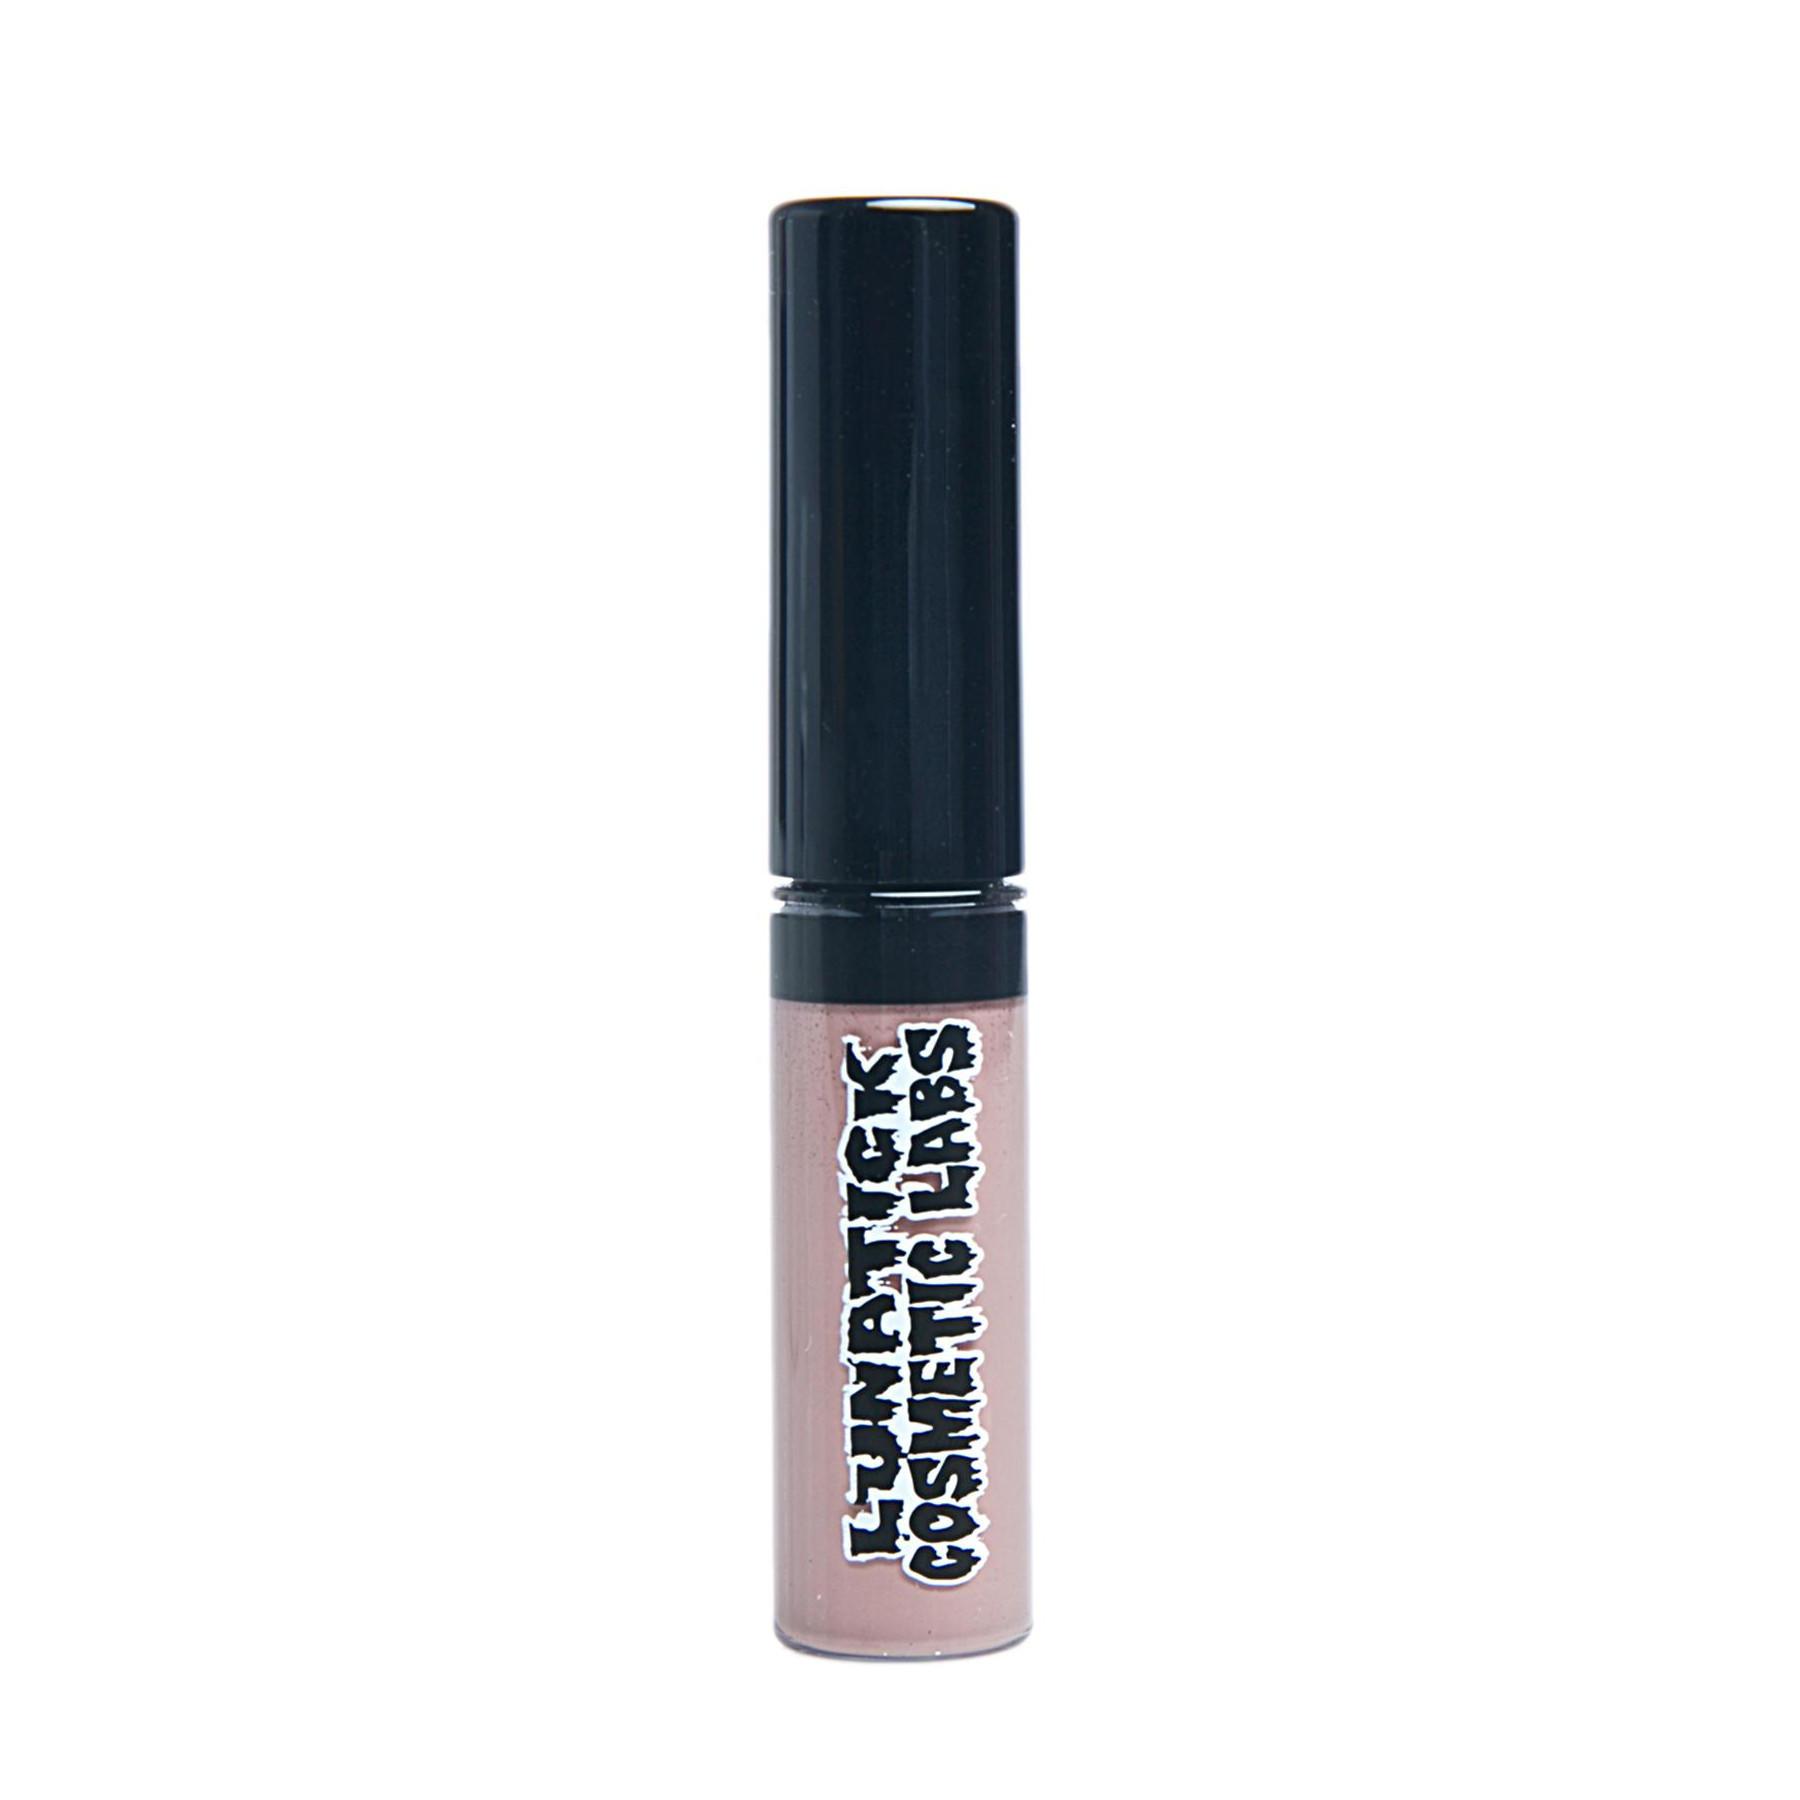 Lunatick Cosmetic Labs Lip Slick Coven Cream